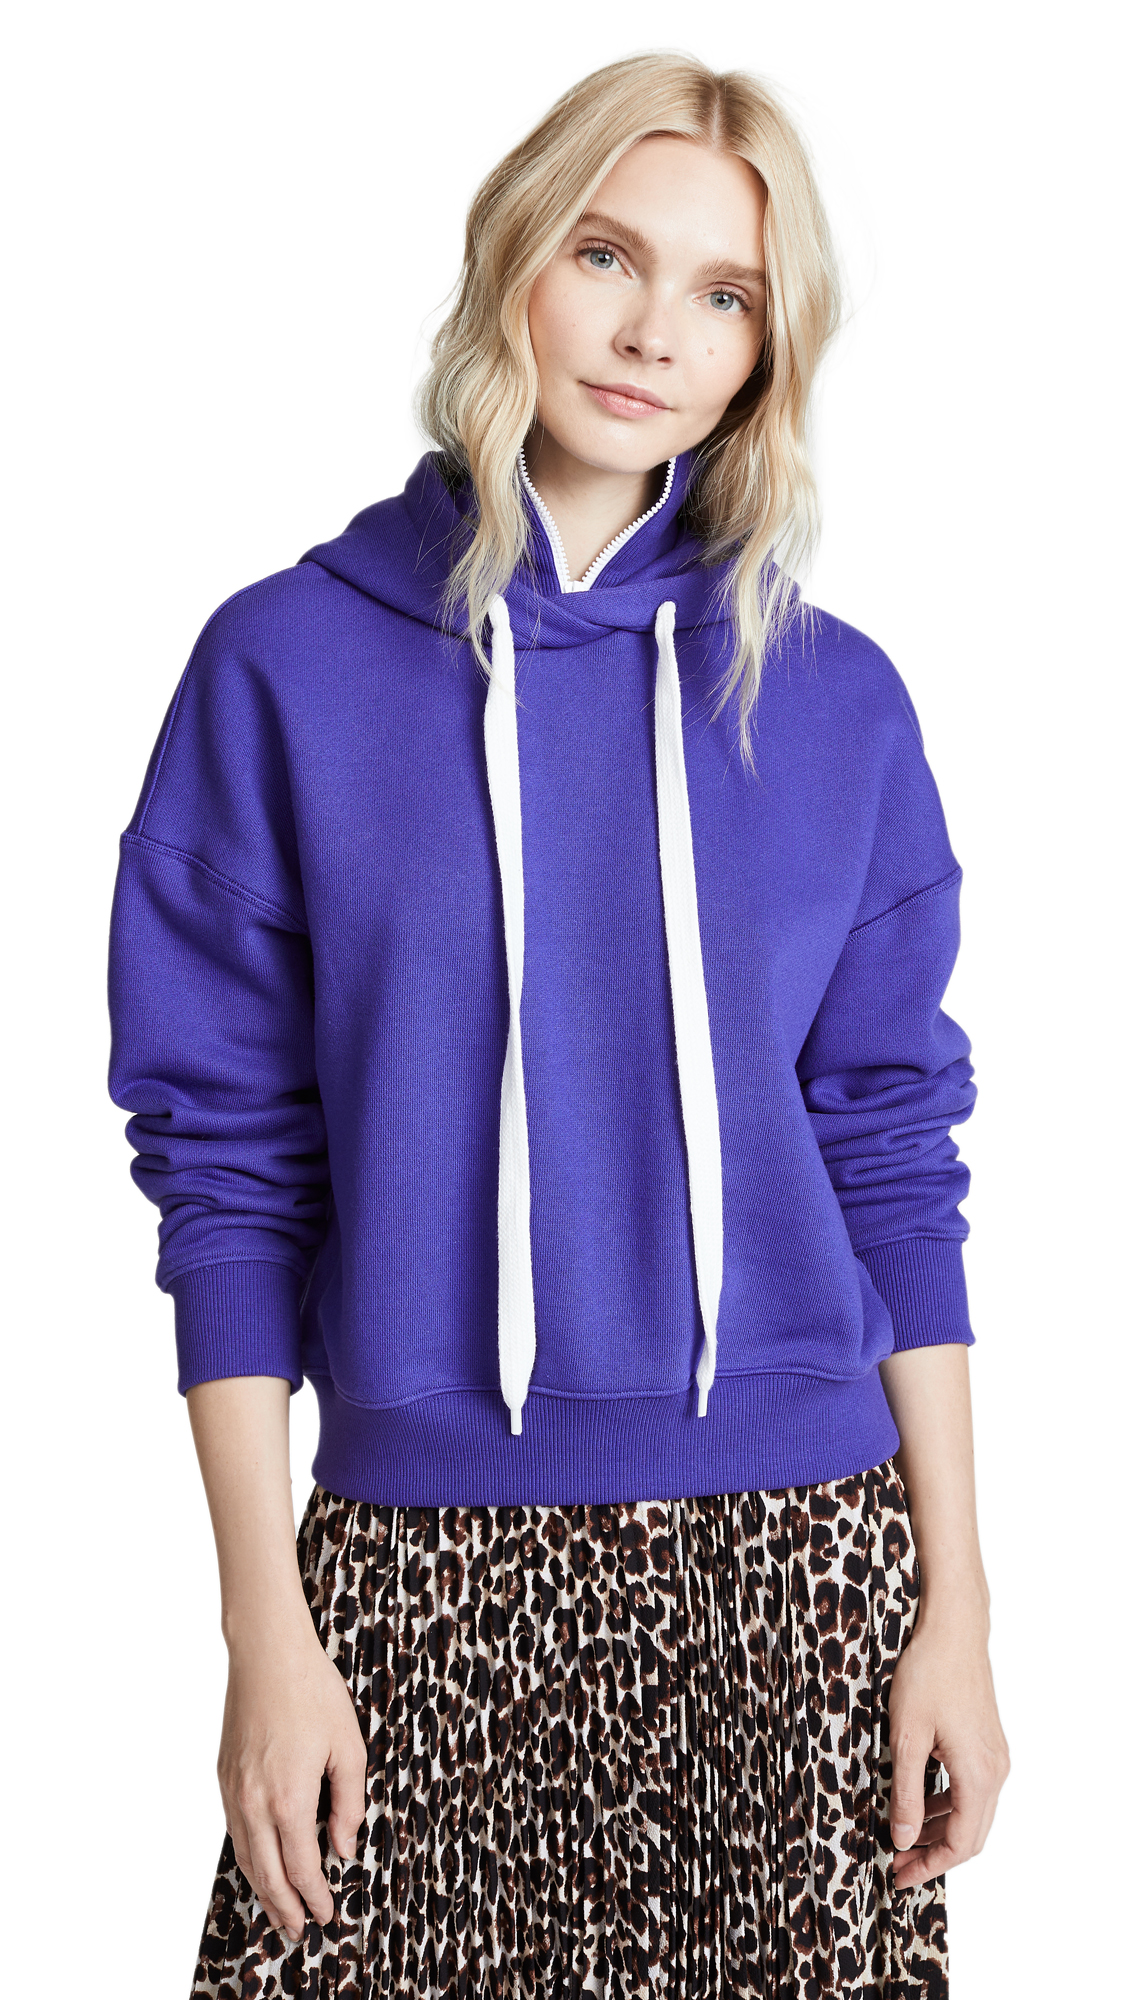 GOEN.J Hooded Sweatshirt In Violet